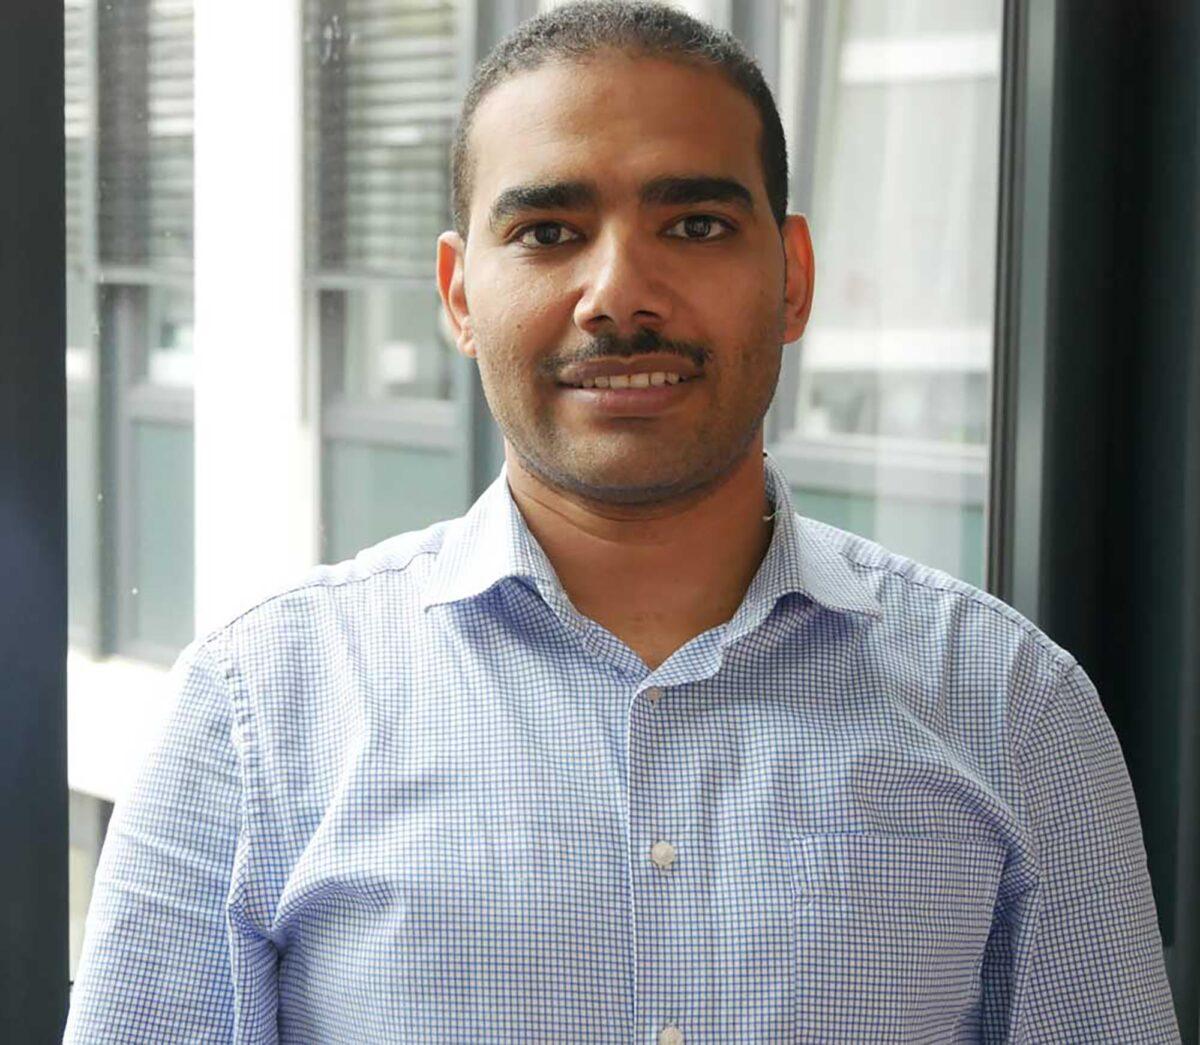 Ahmed Ghallab